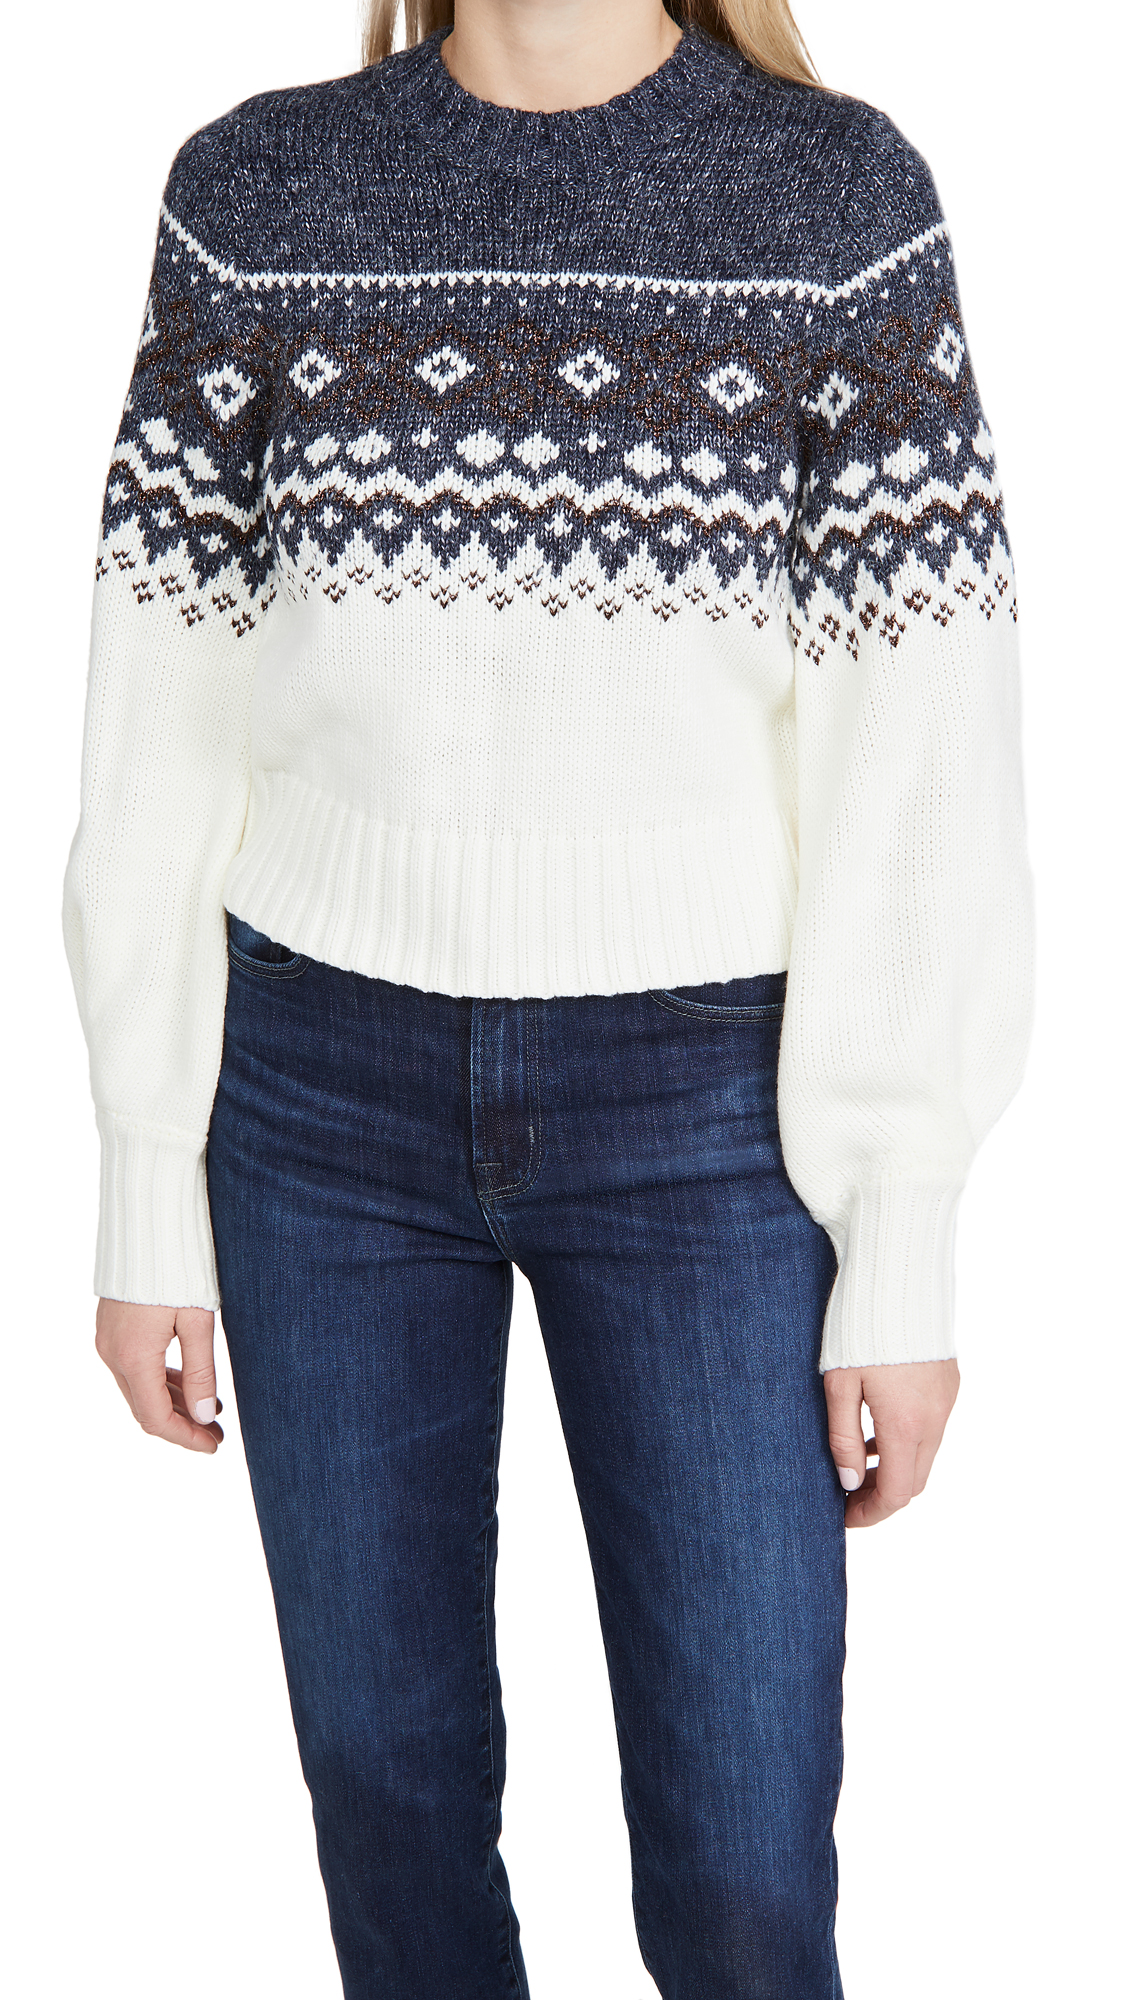 MINKPINK Solstice Fair Isle Sweater